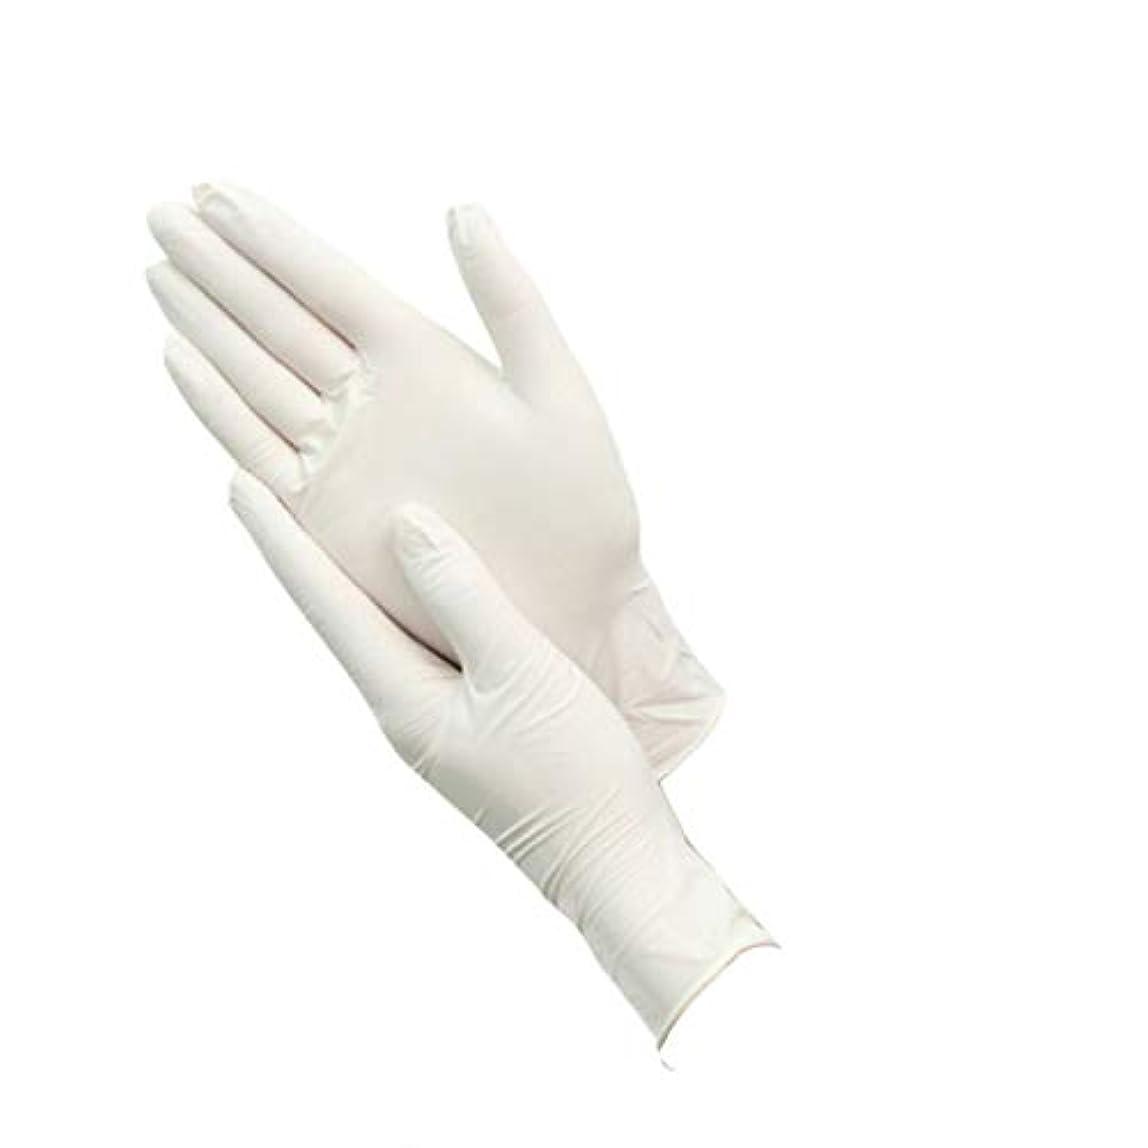 何十人もはげ純粋に使い捨て手袋グッド100グラム増量ニトリルブタジエンゴム (サイズ さいず : XL)